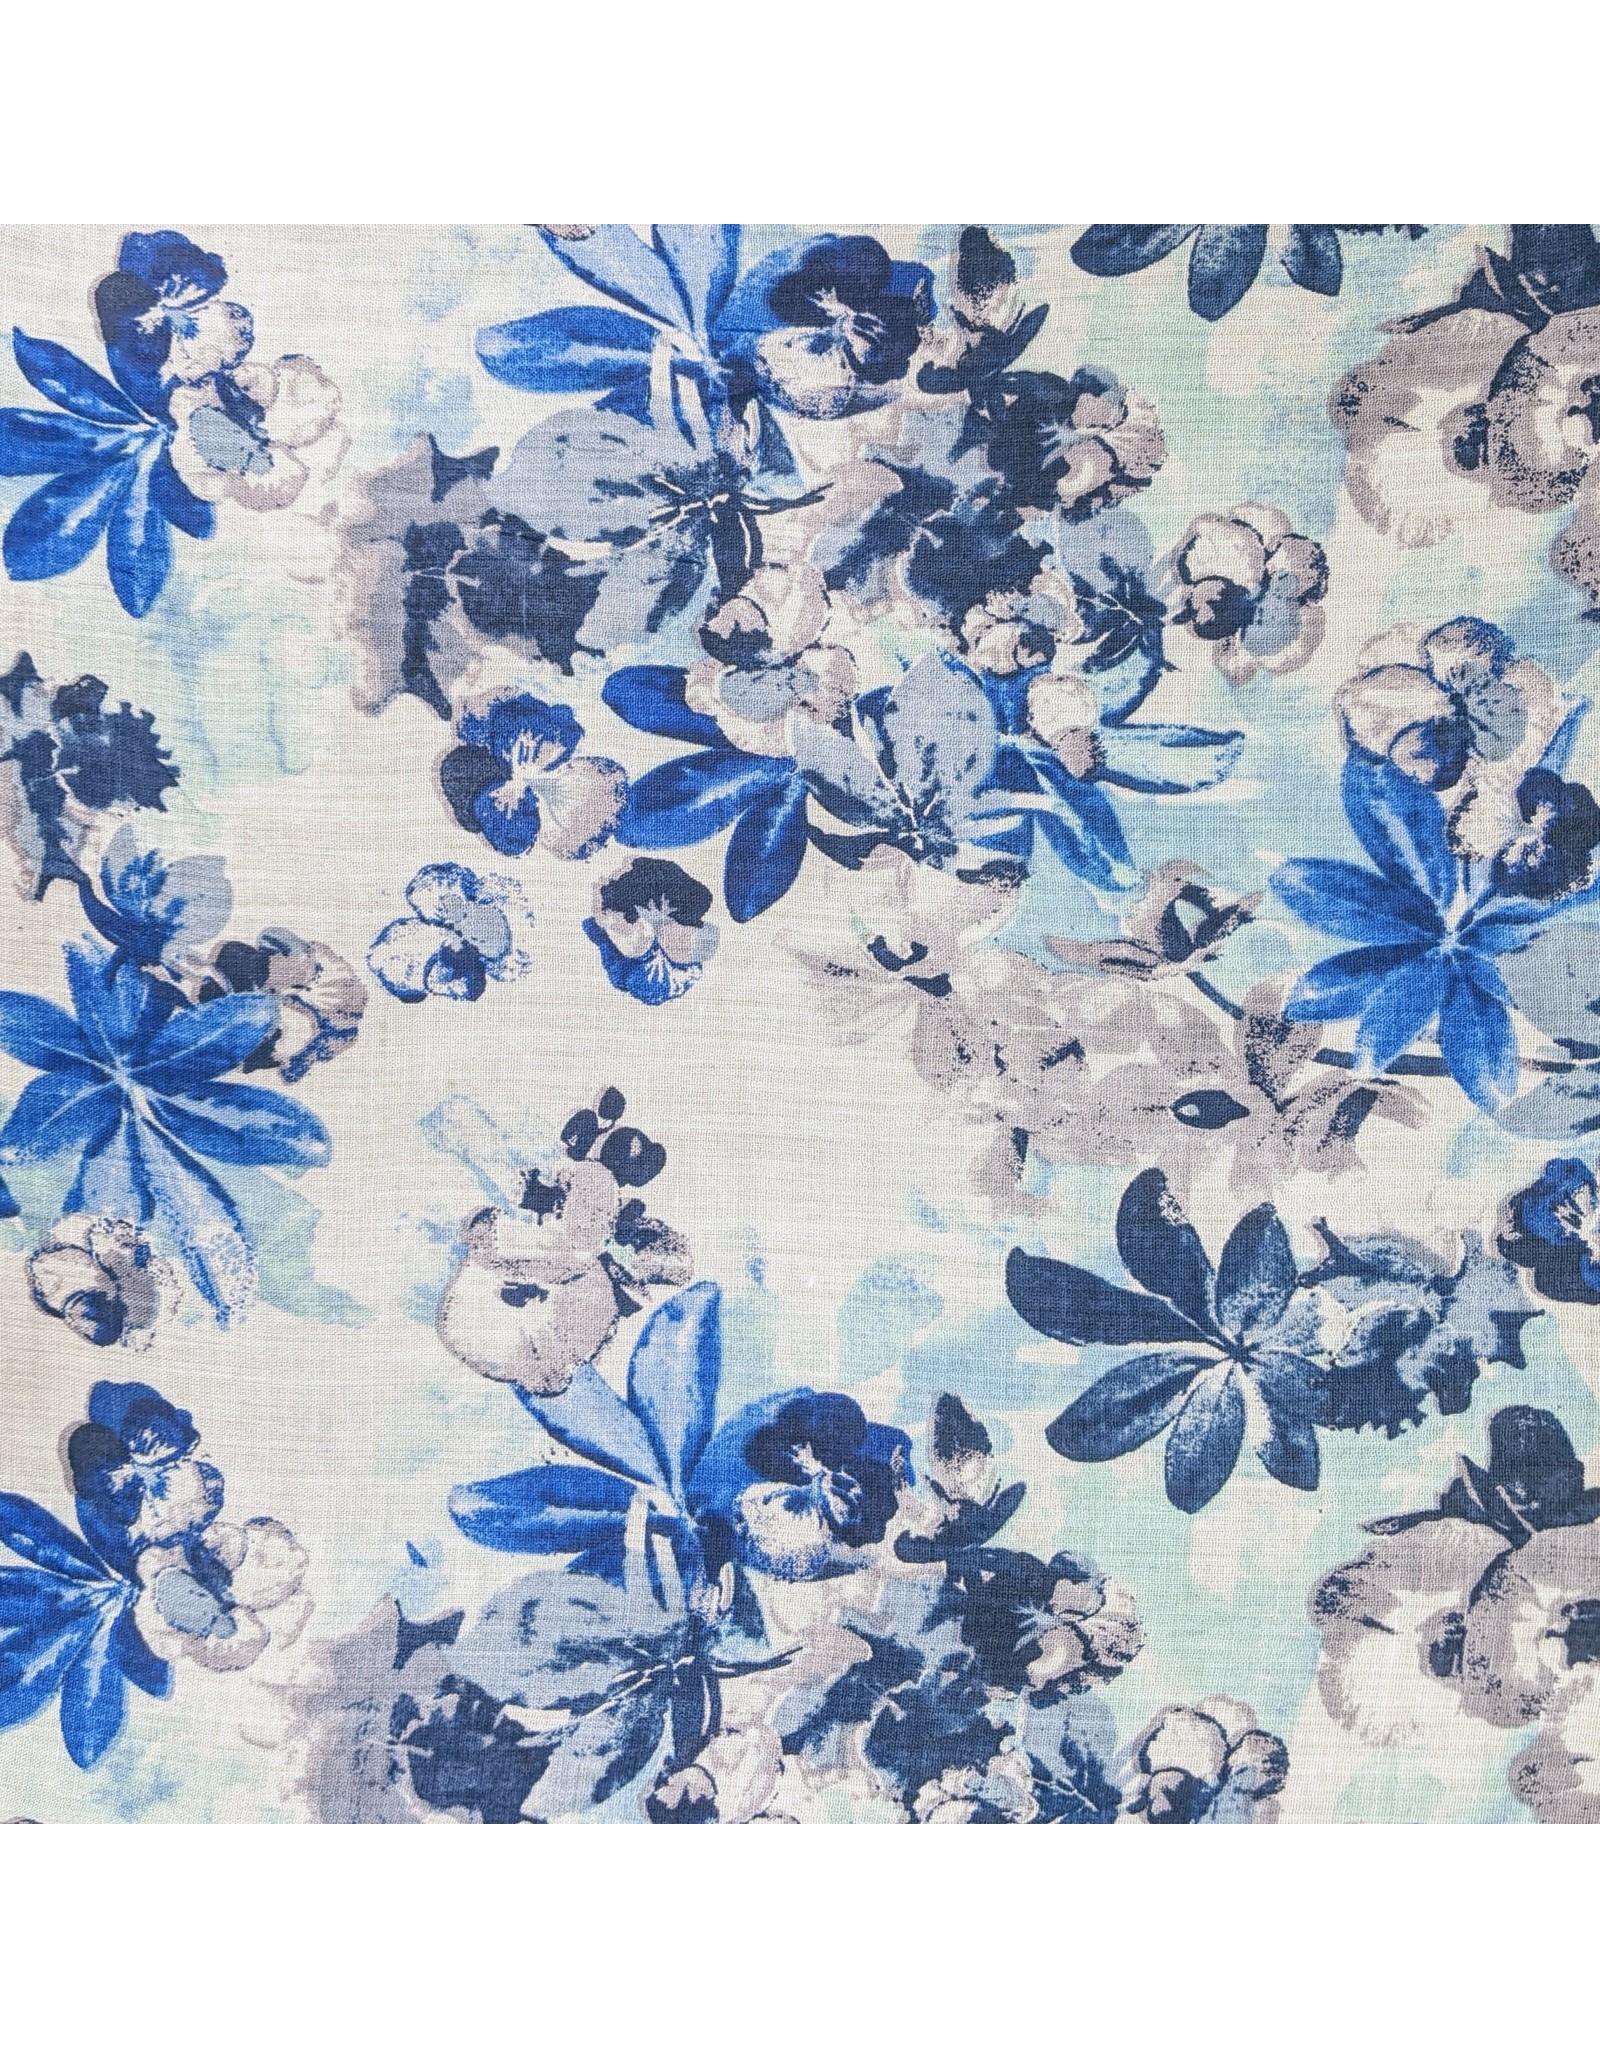 Ten Thousand Villages Blue Floral Scarf